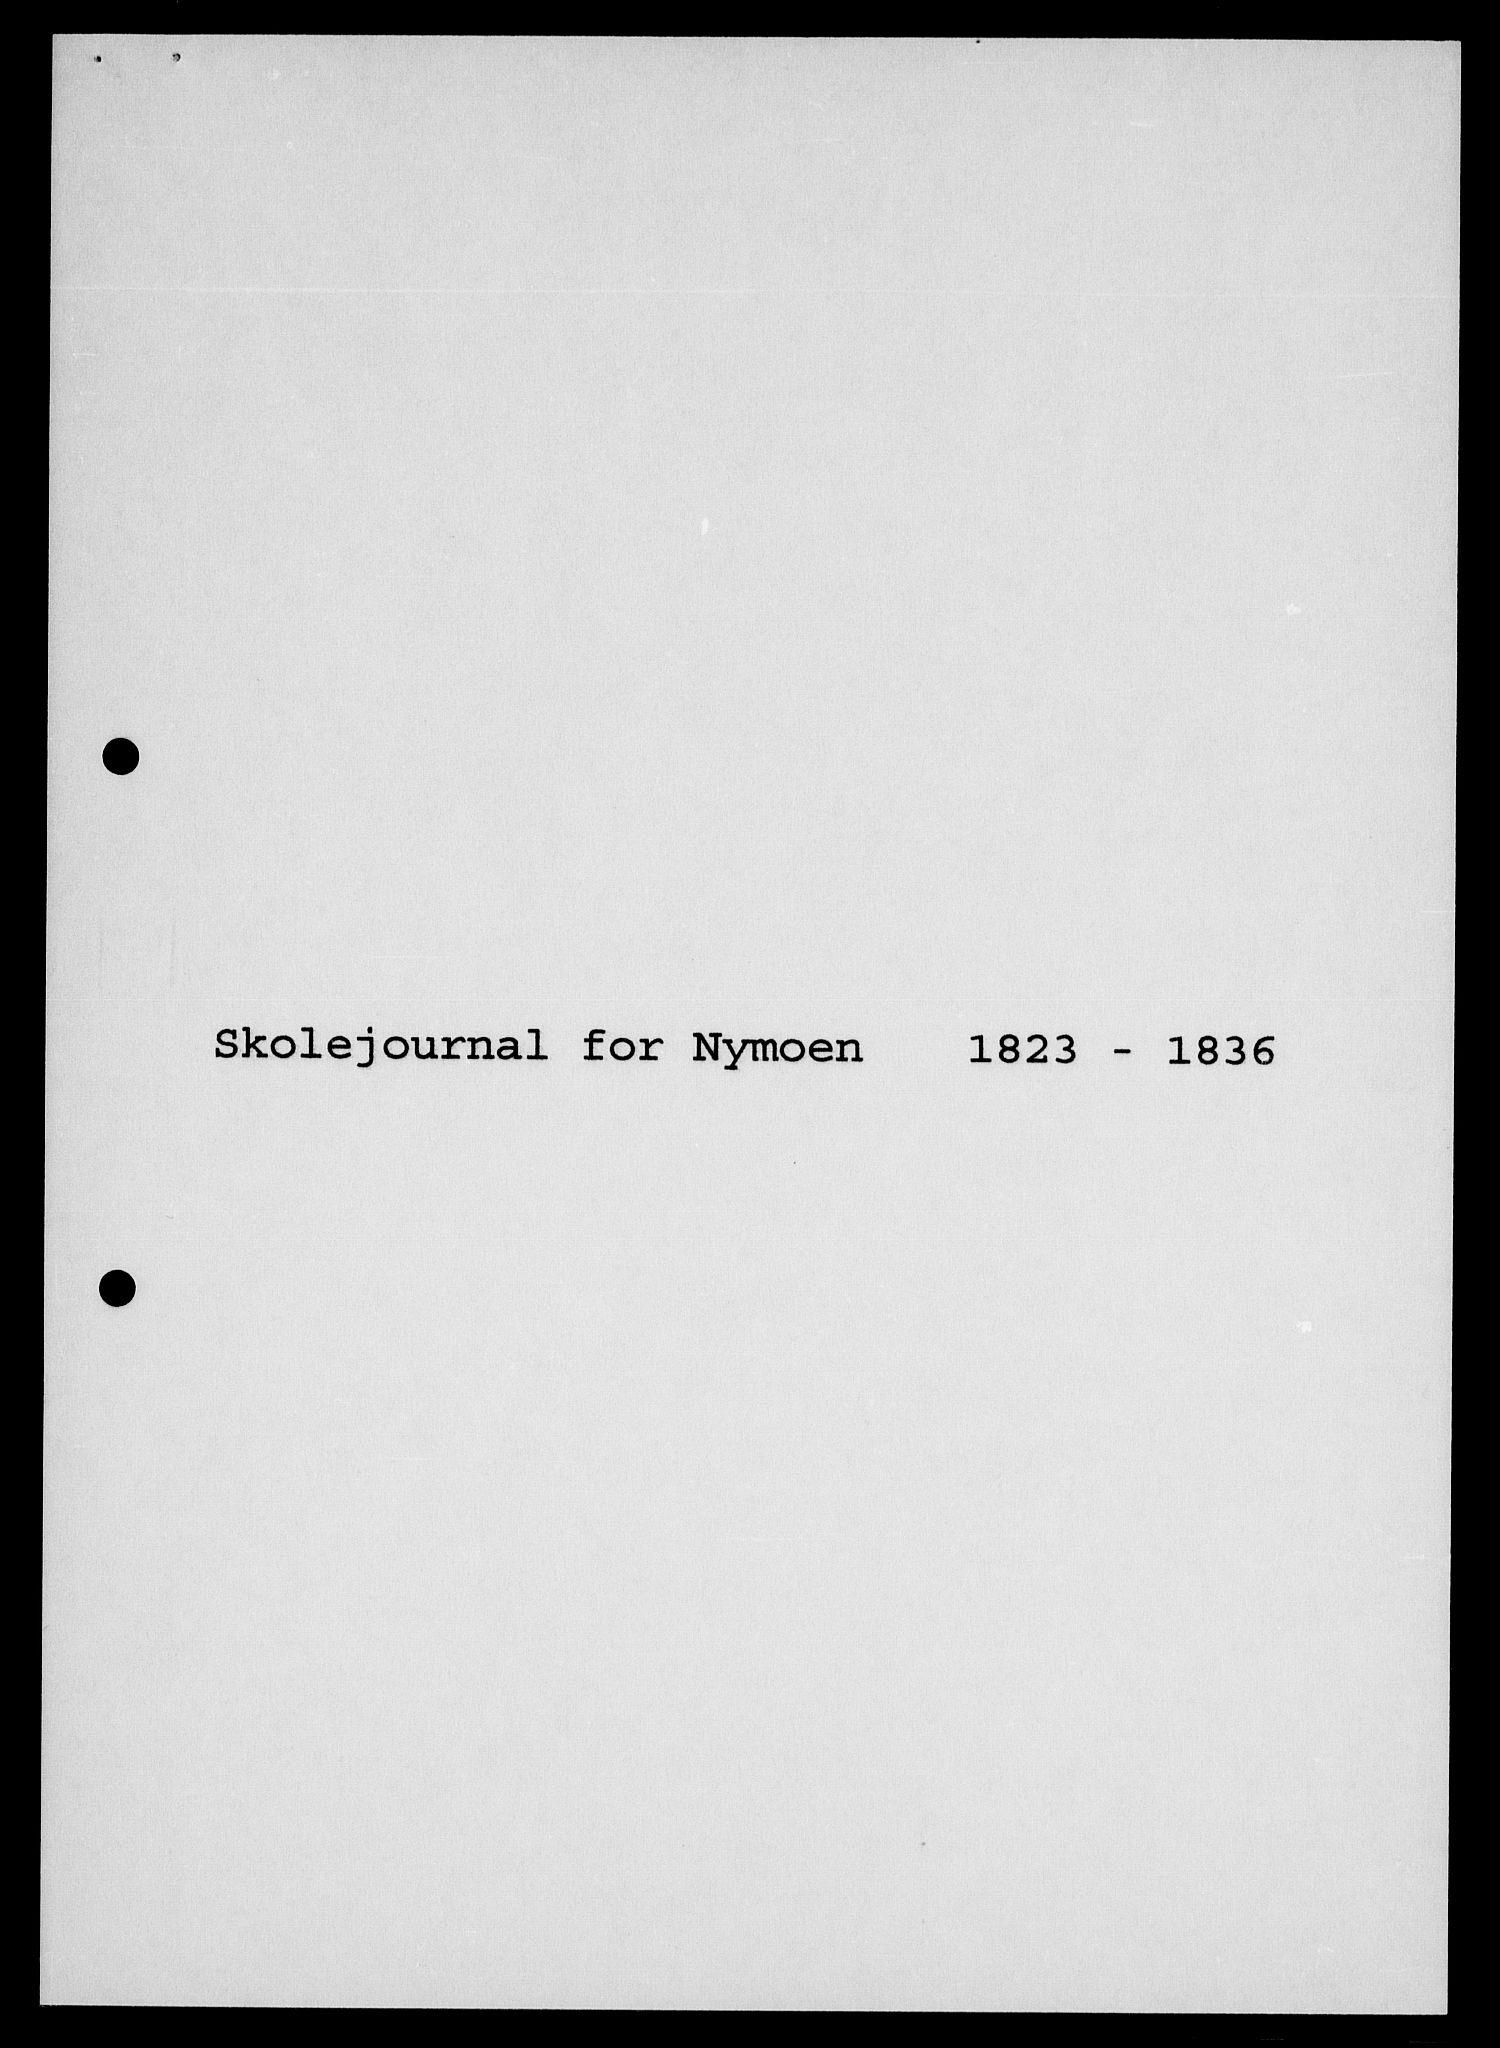 RA, Modums Blaafarveværk, G/Gi/L0381, 1823-1848, s. 6